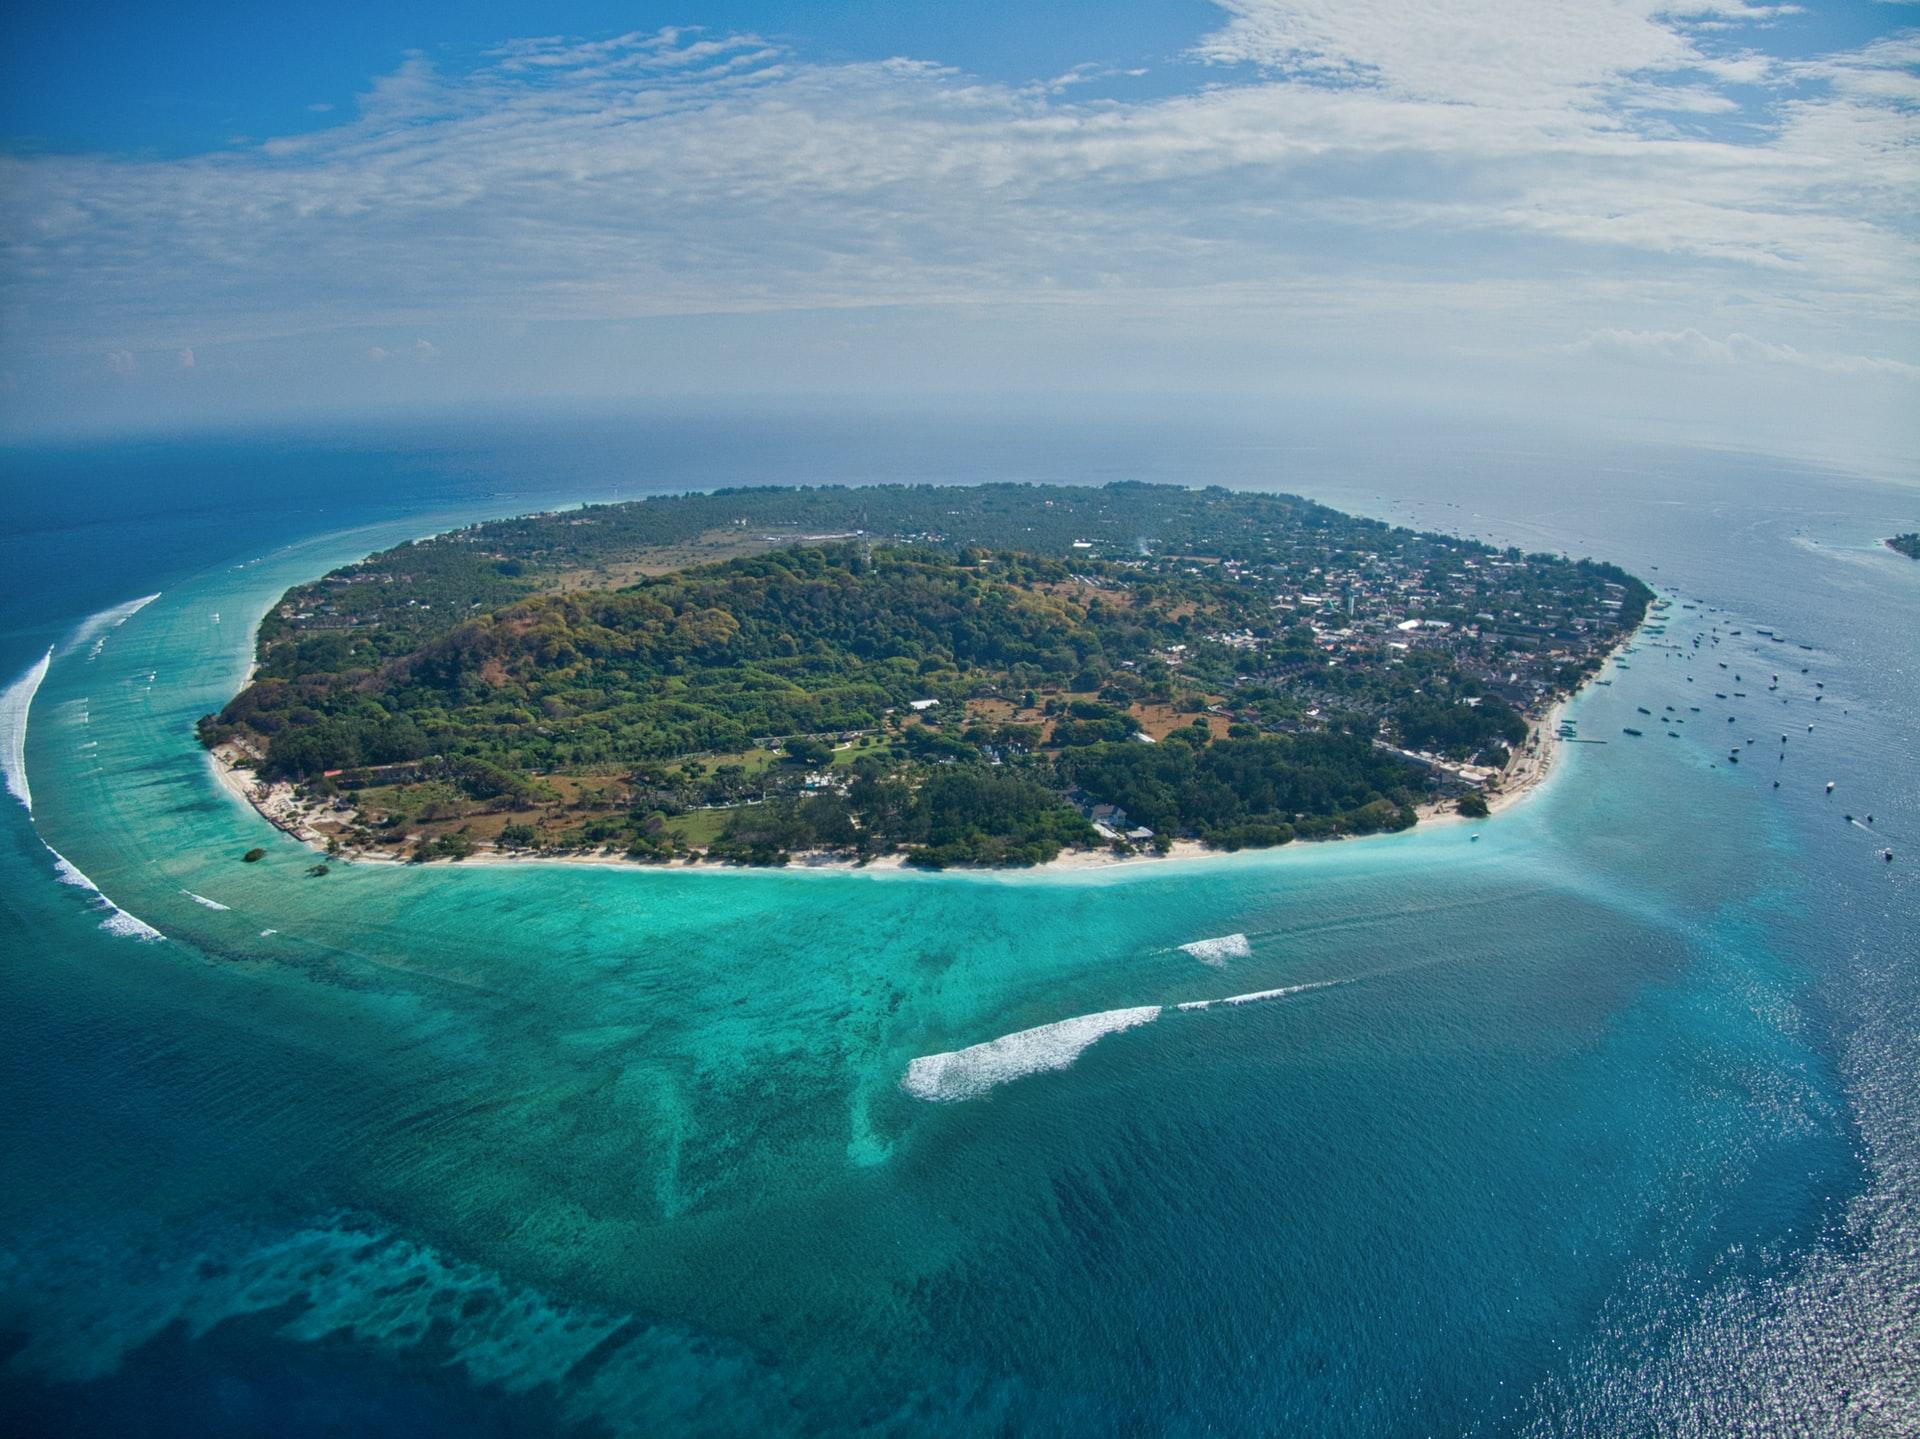 Pulau Gili Trawangan, Kepulauan Gili, Lombok, Nusa Tenggara Barat